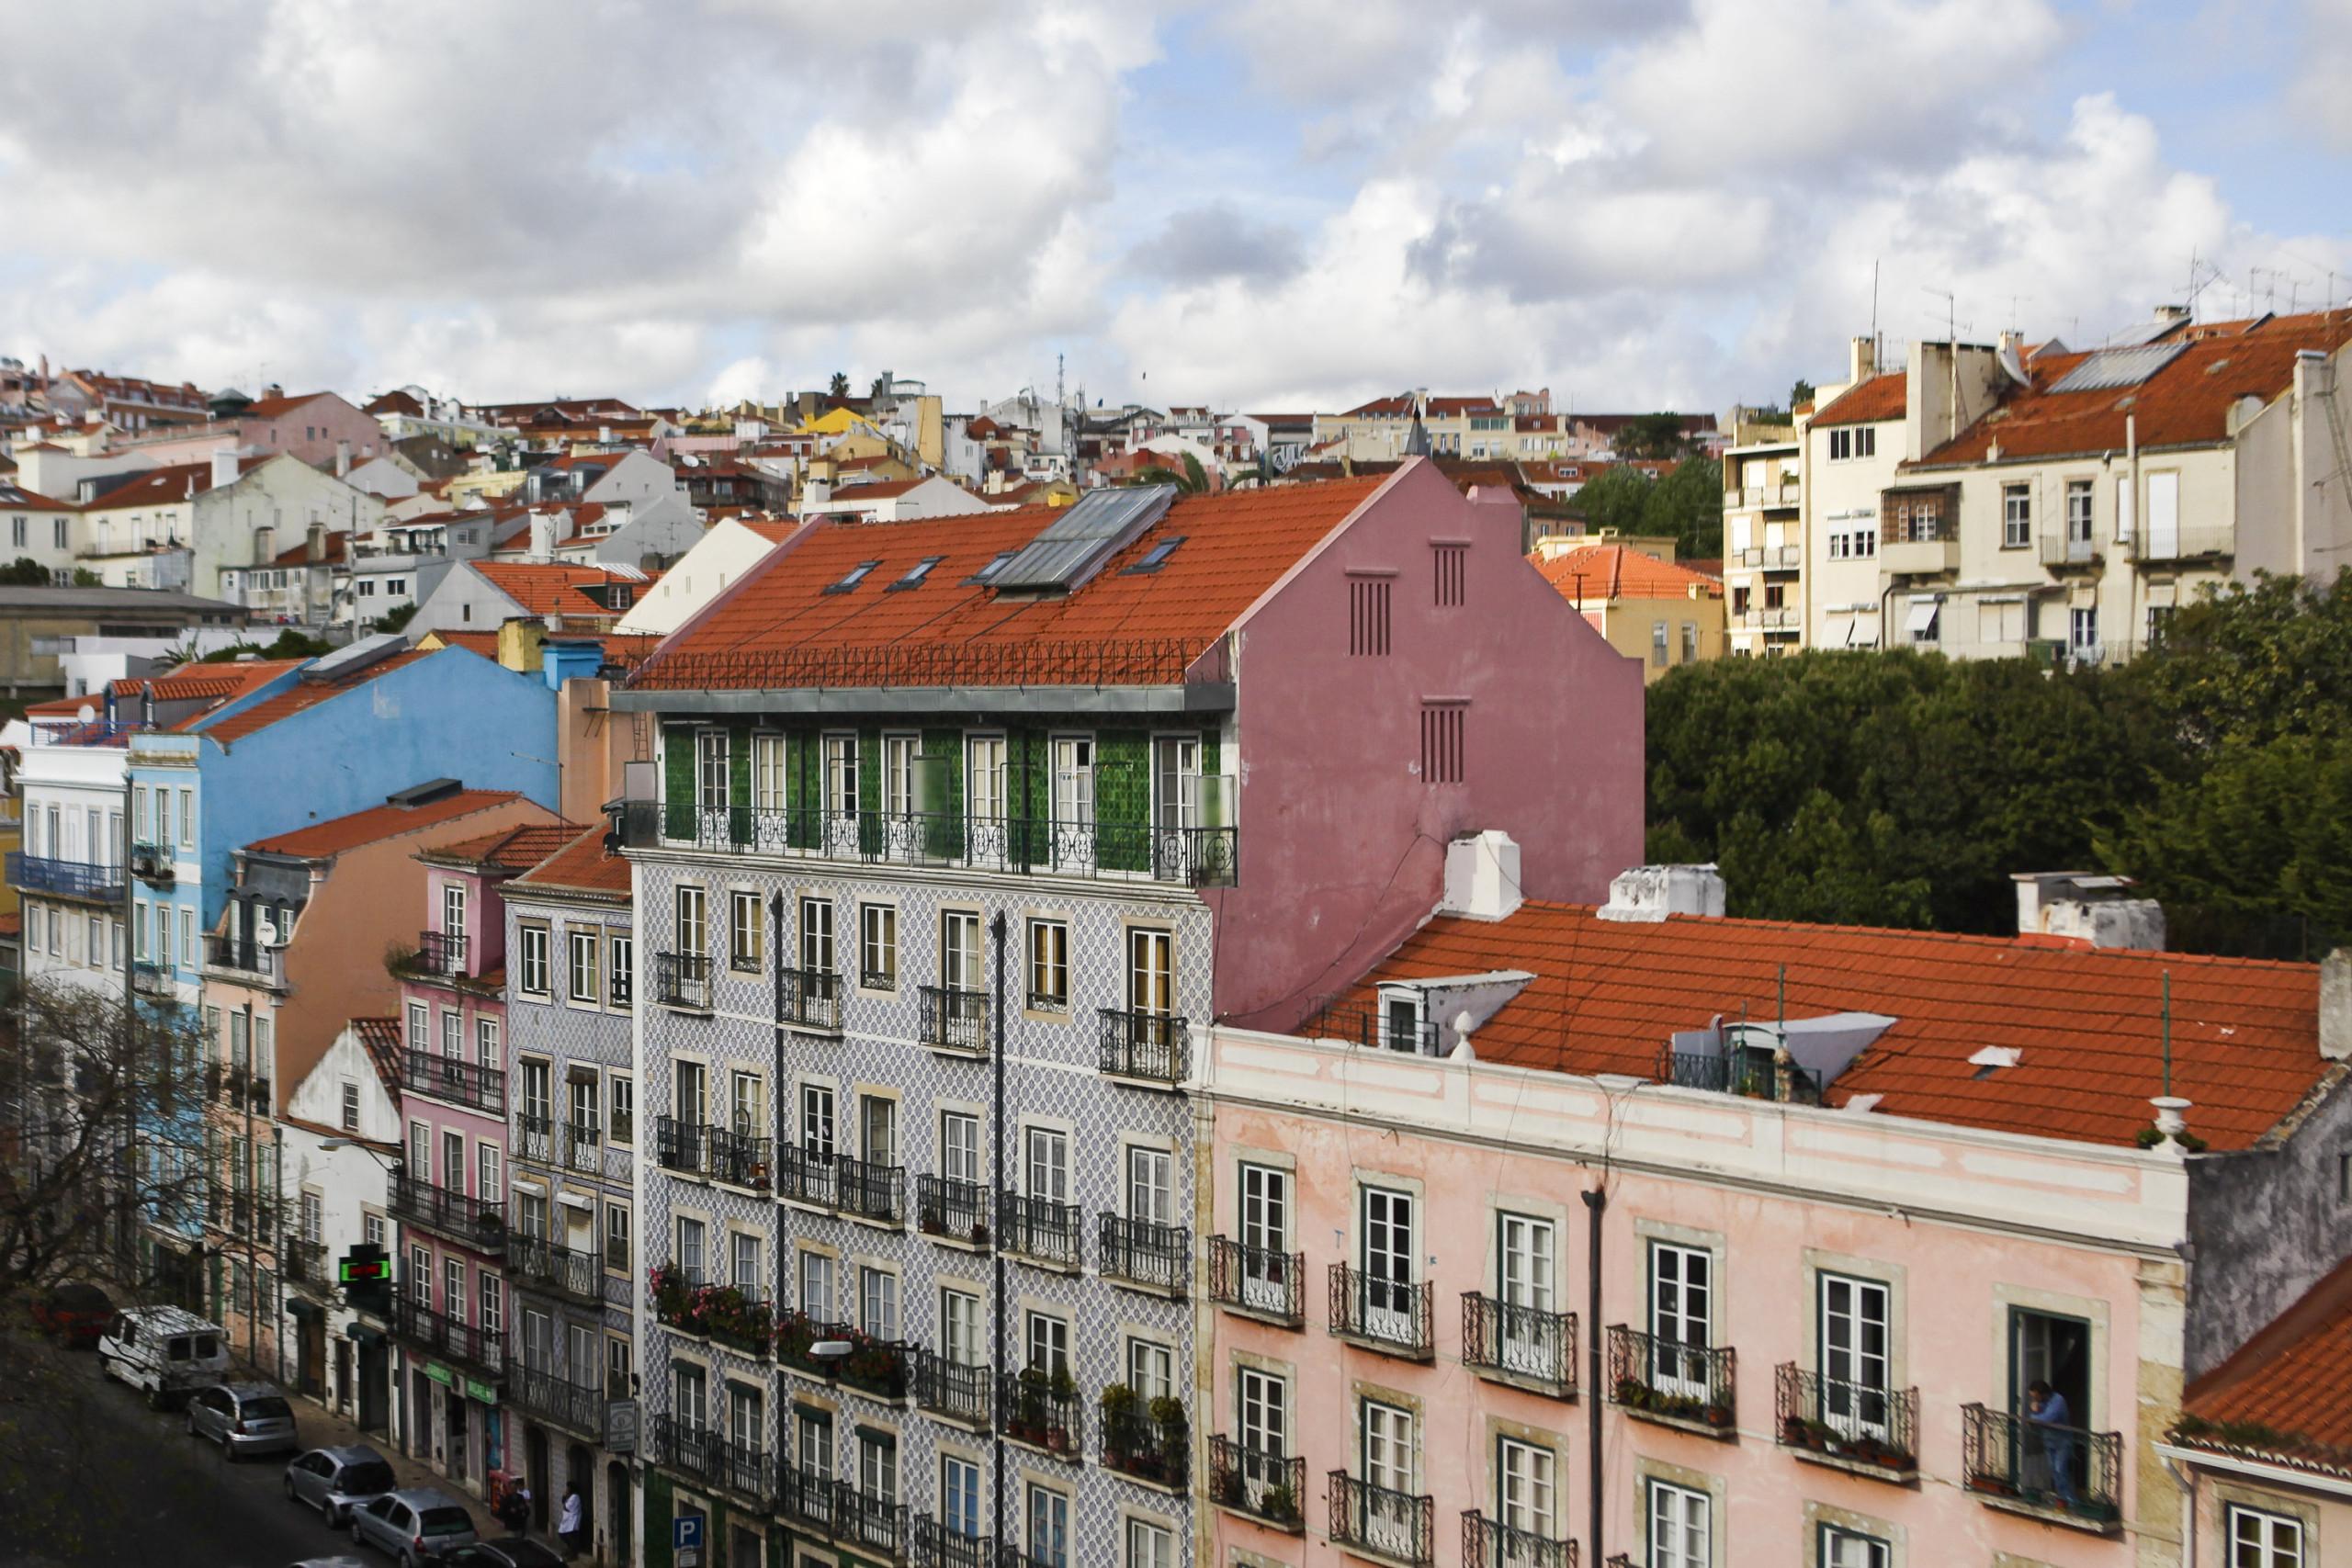 Preço de venda das casas em Portugal subiu 15,4% em dezembro